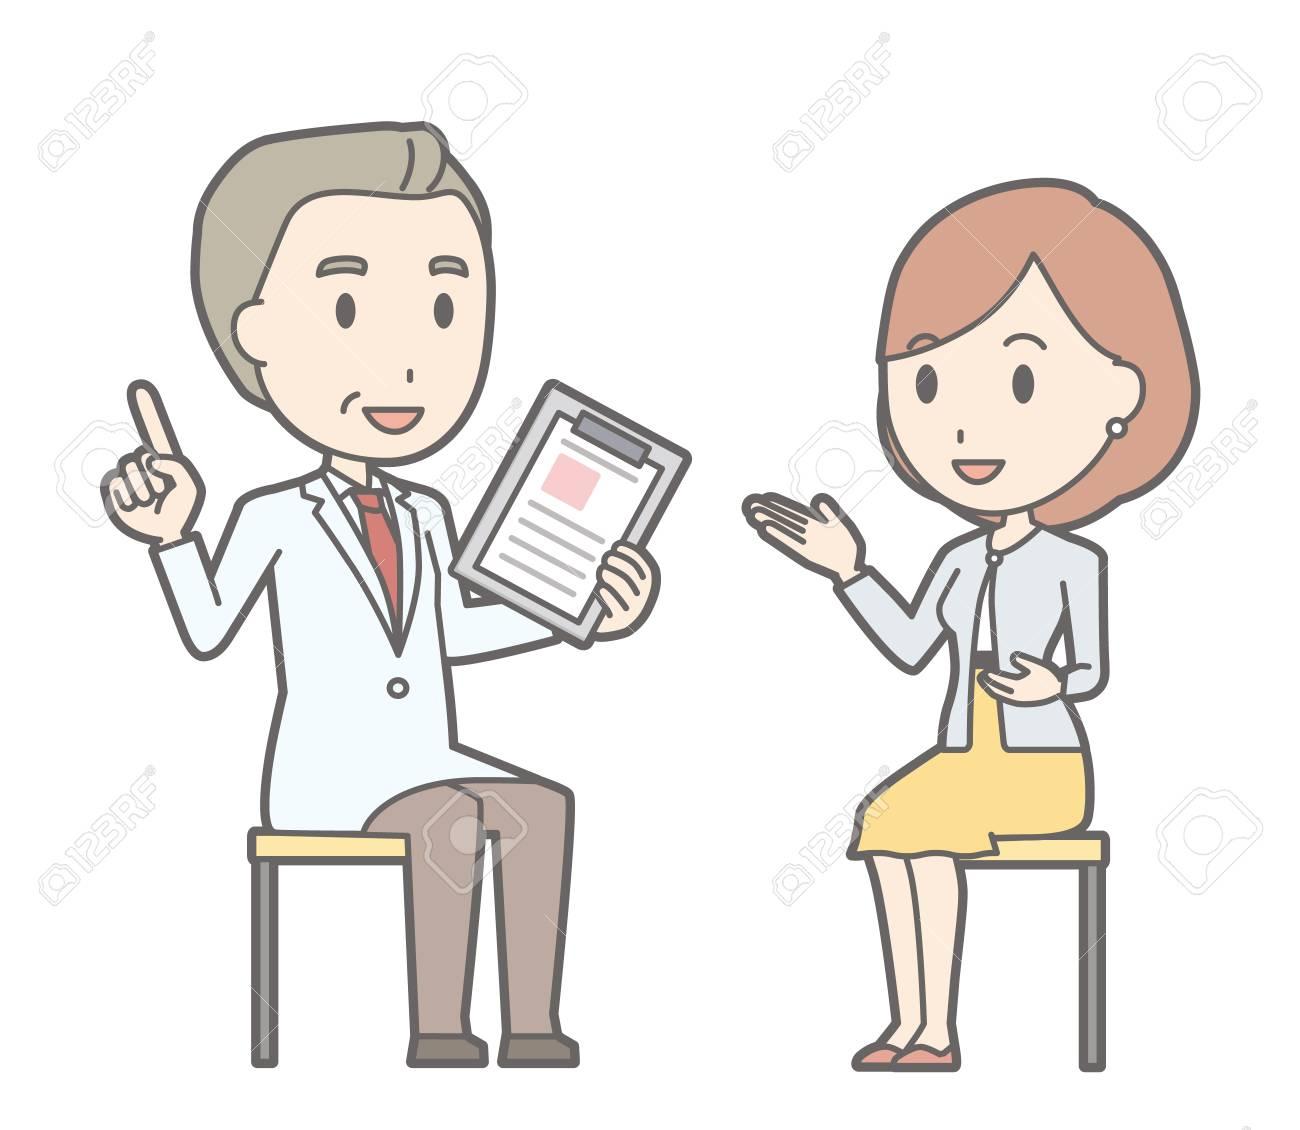 医師に相談、黄色いスカートをはいている若い女性のイラスト